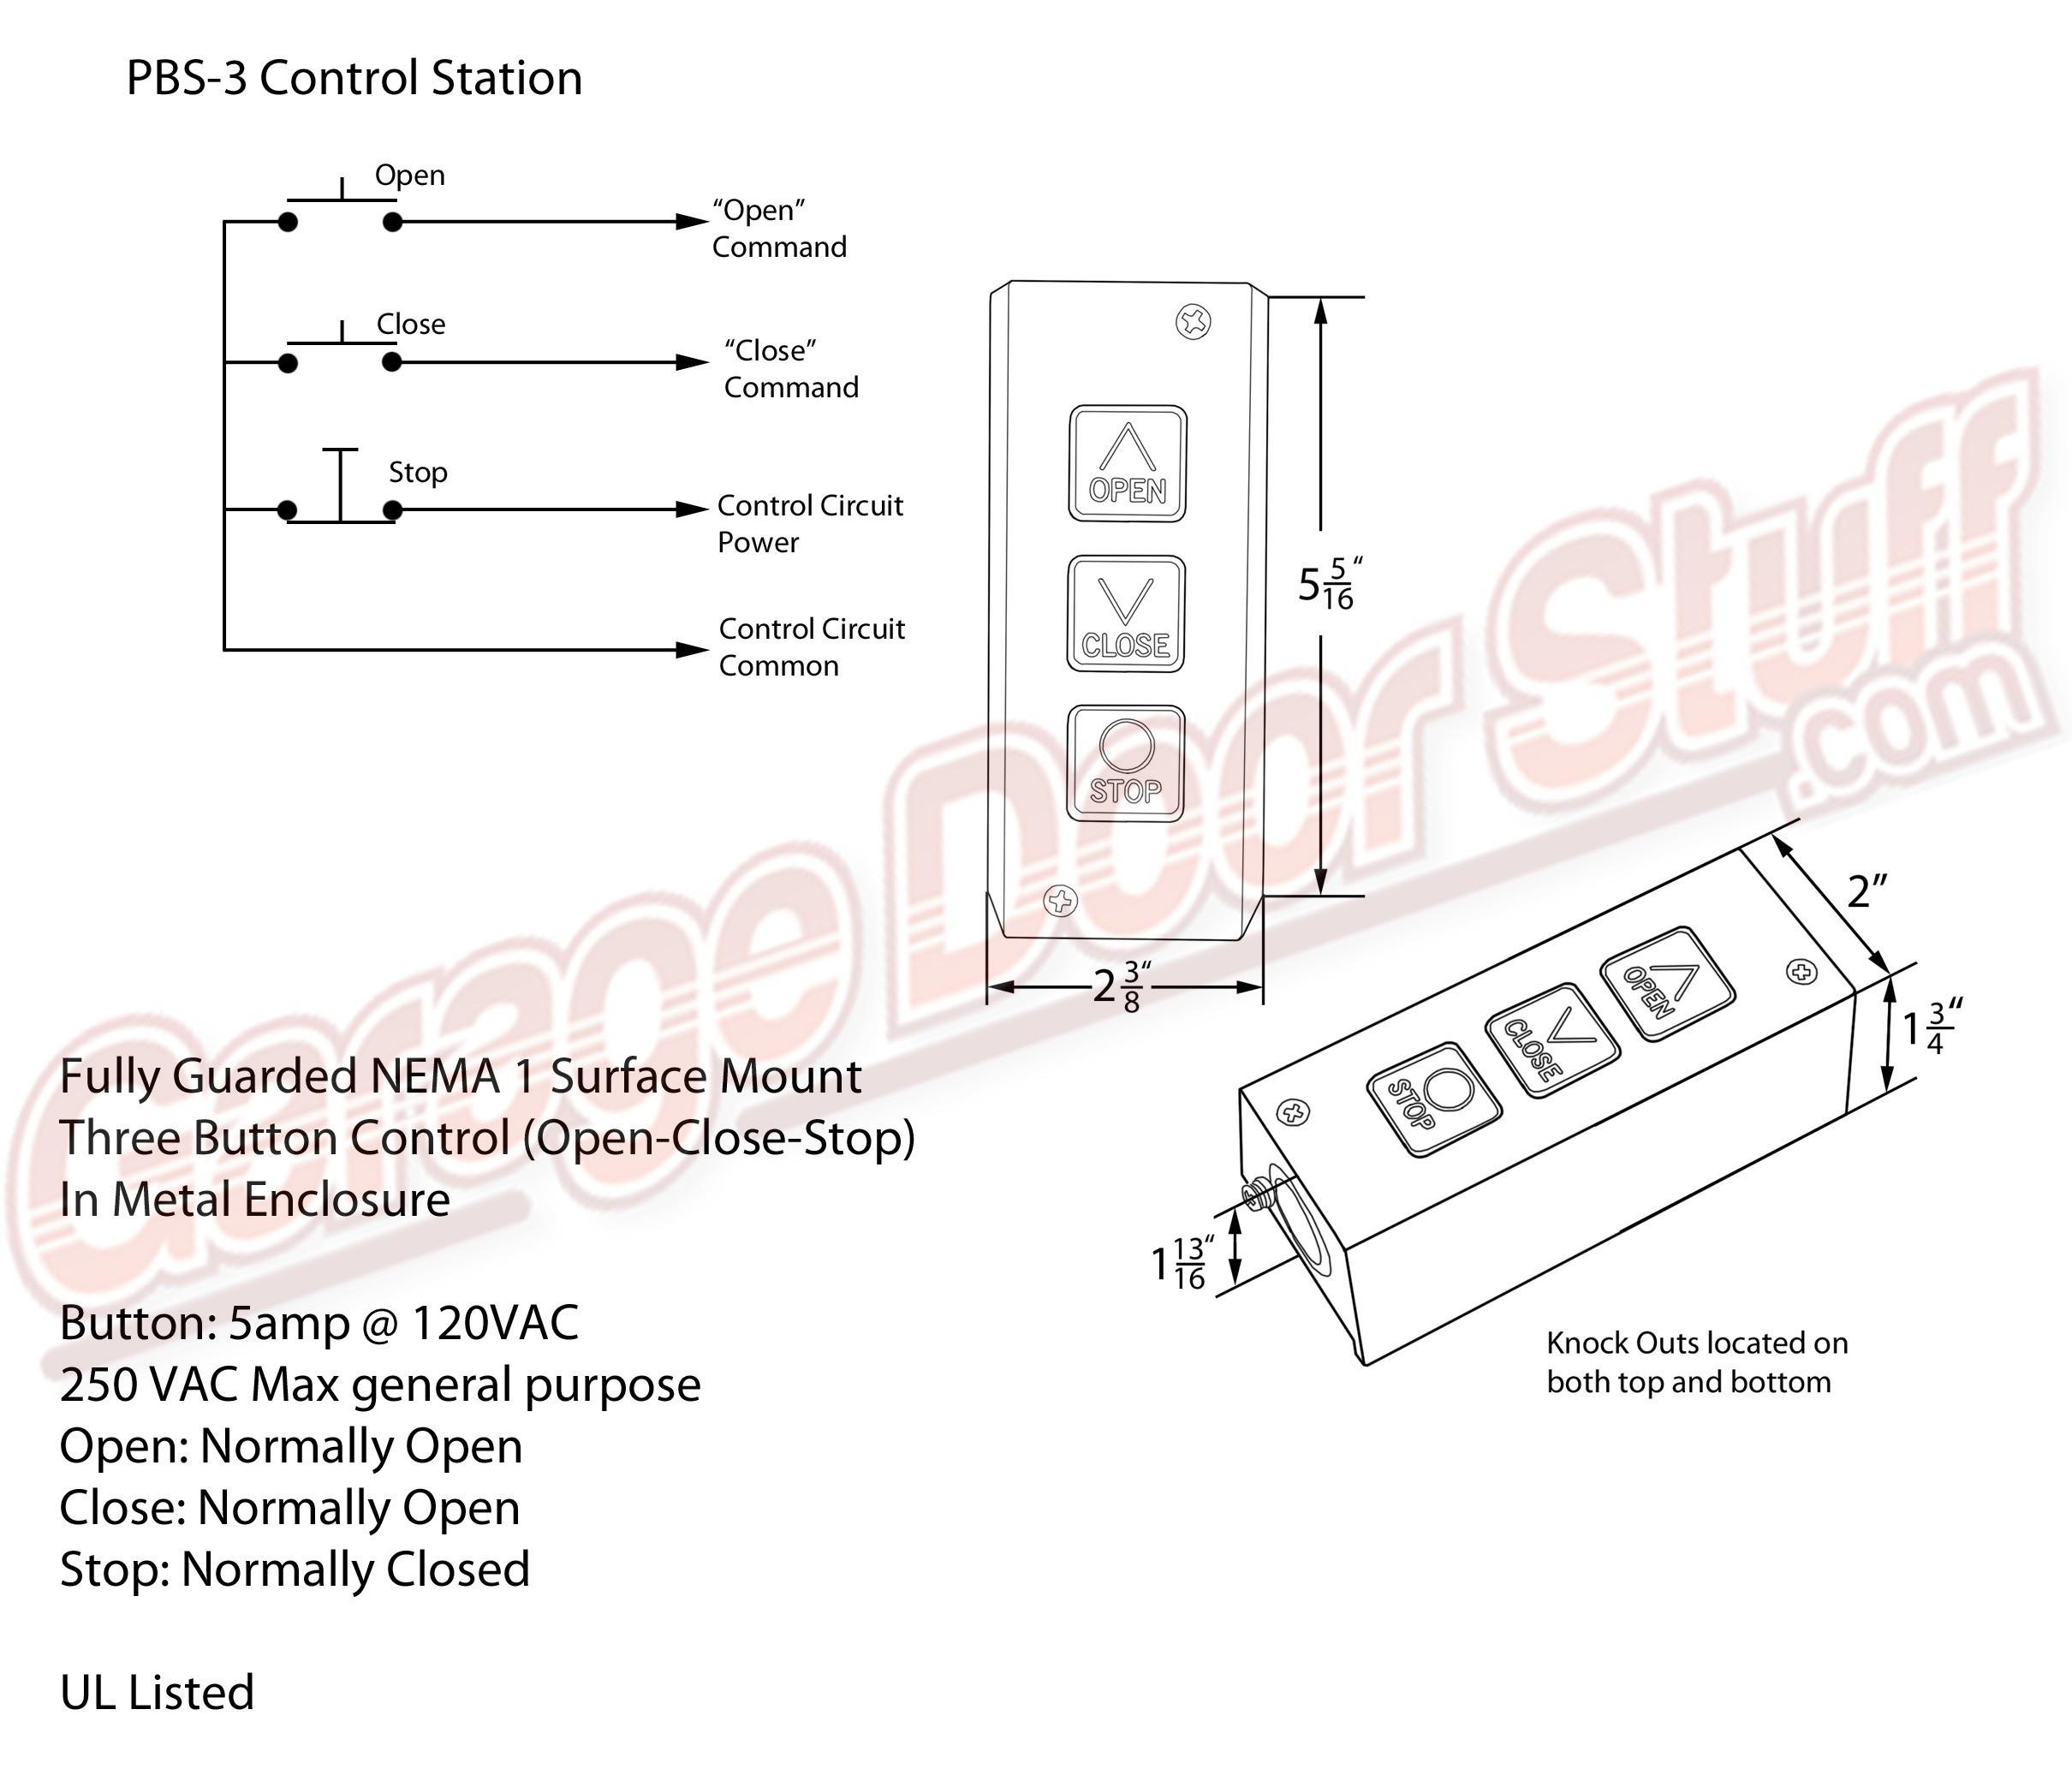 Wiring Diagram for Liftmaster Garage Door Opener Elegant How to Wire A Garage Diagram Diagram Of Wiring Diagram for Liftmaster Garage Door Opener